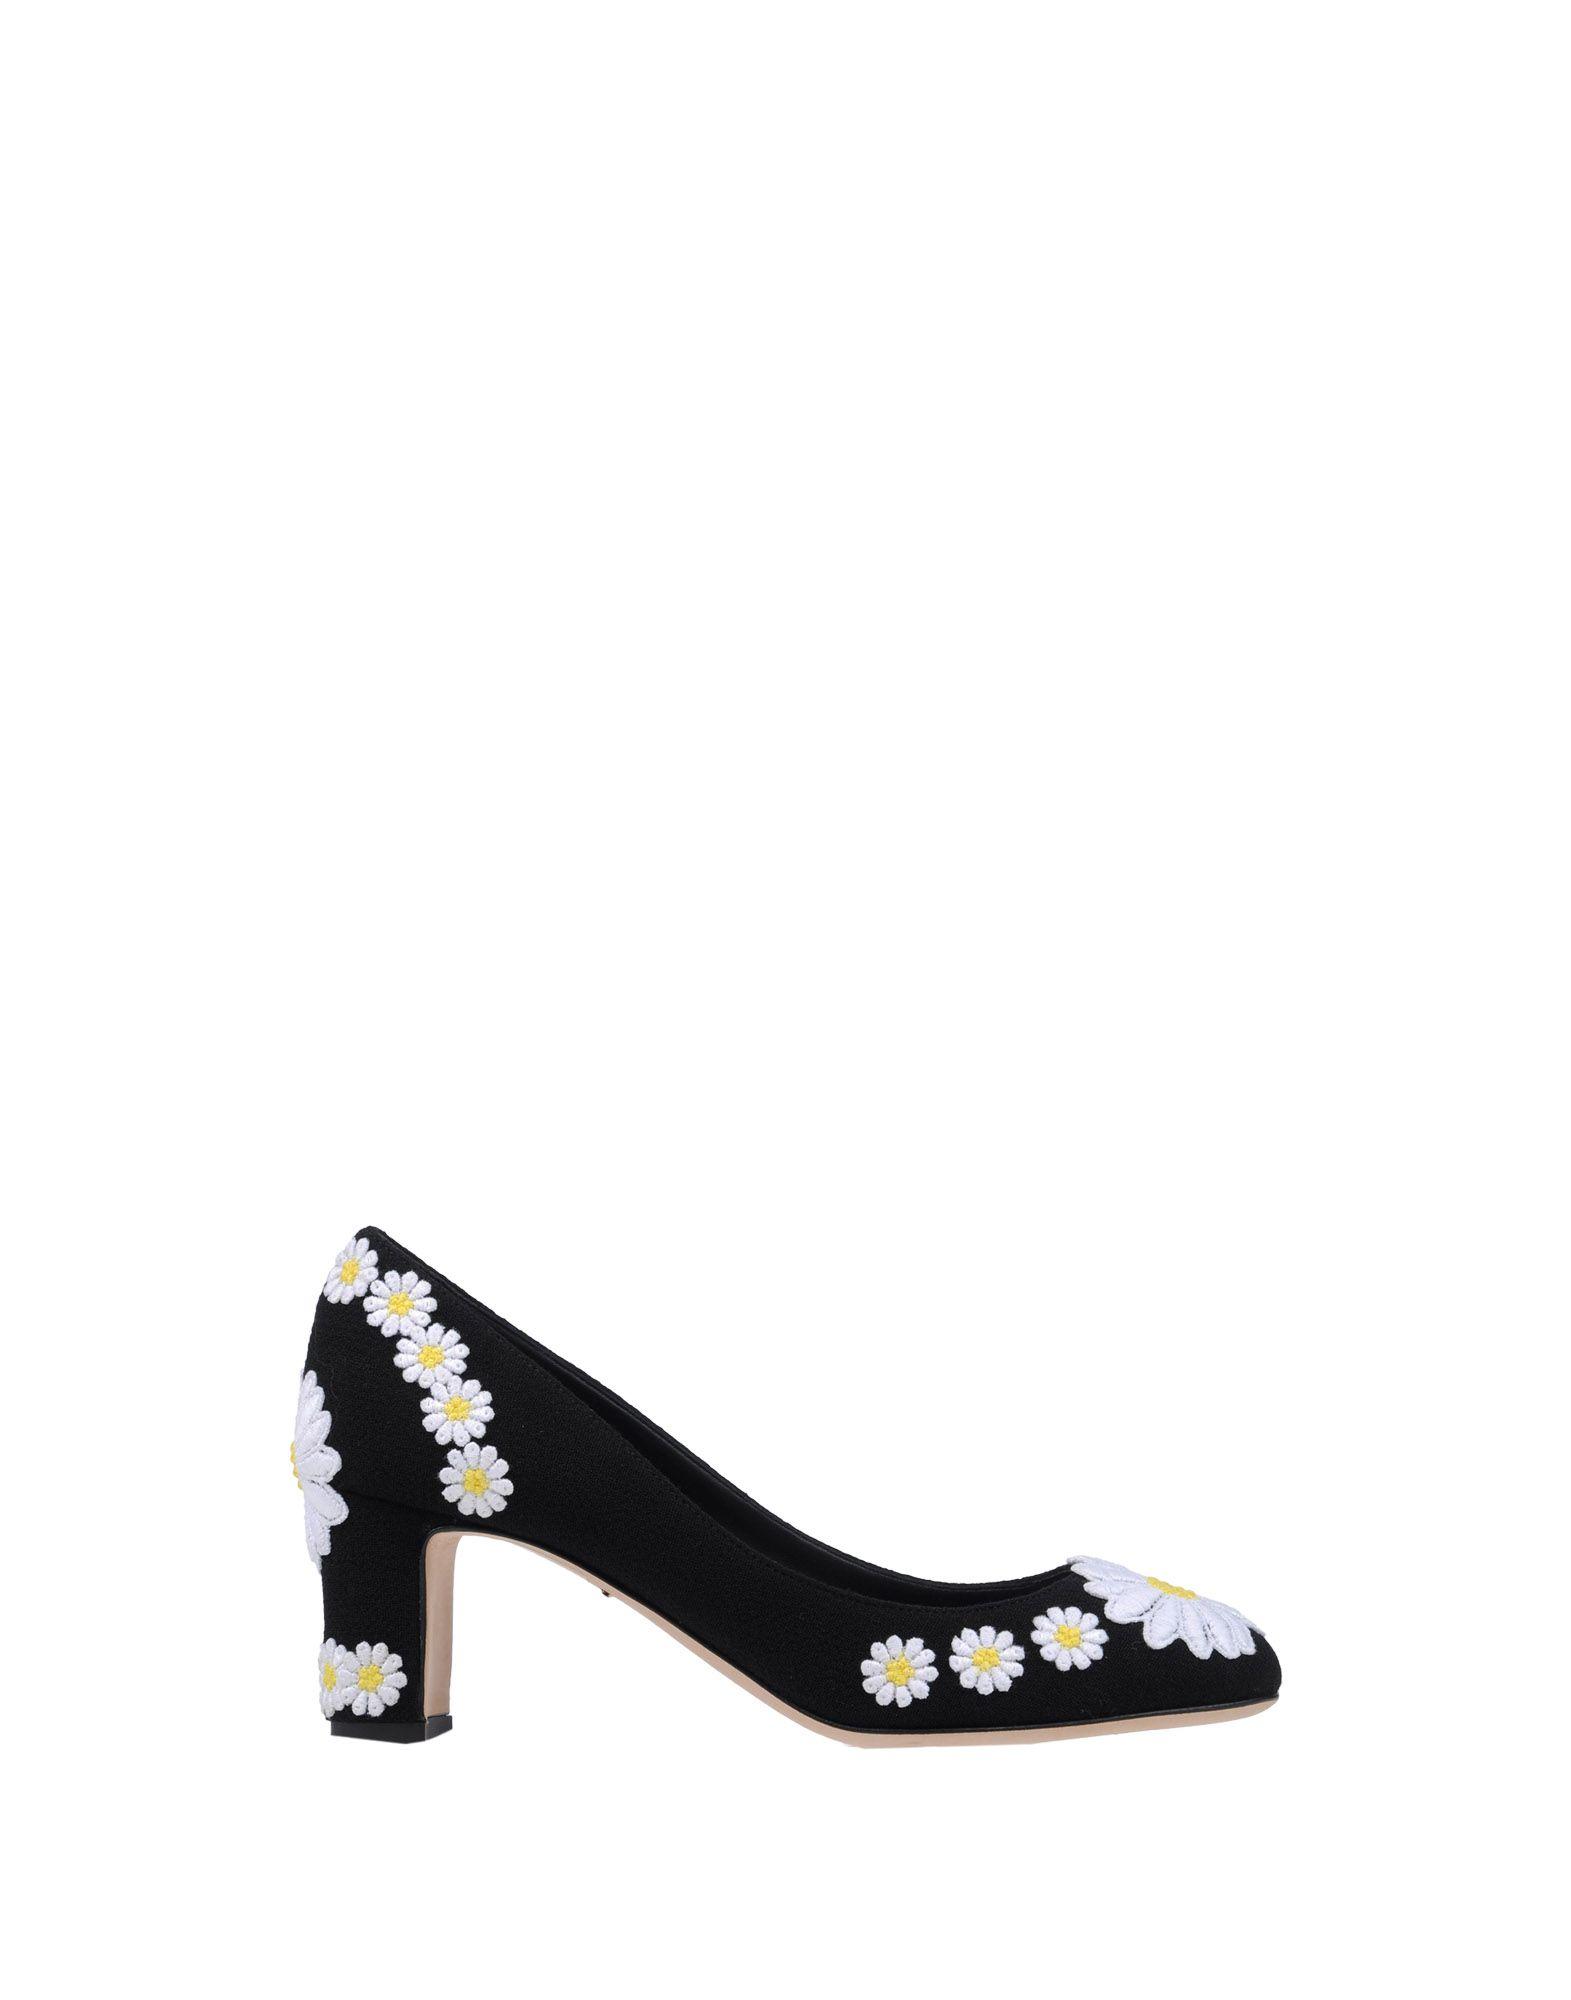 Dolce & Gabbana Pumps Damen Schuhe  11160631LKGünstige gut aussehende Schuhe Damen f39f1d